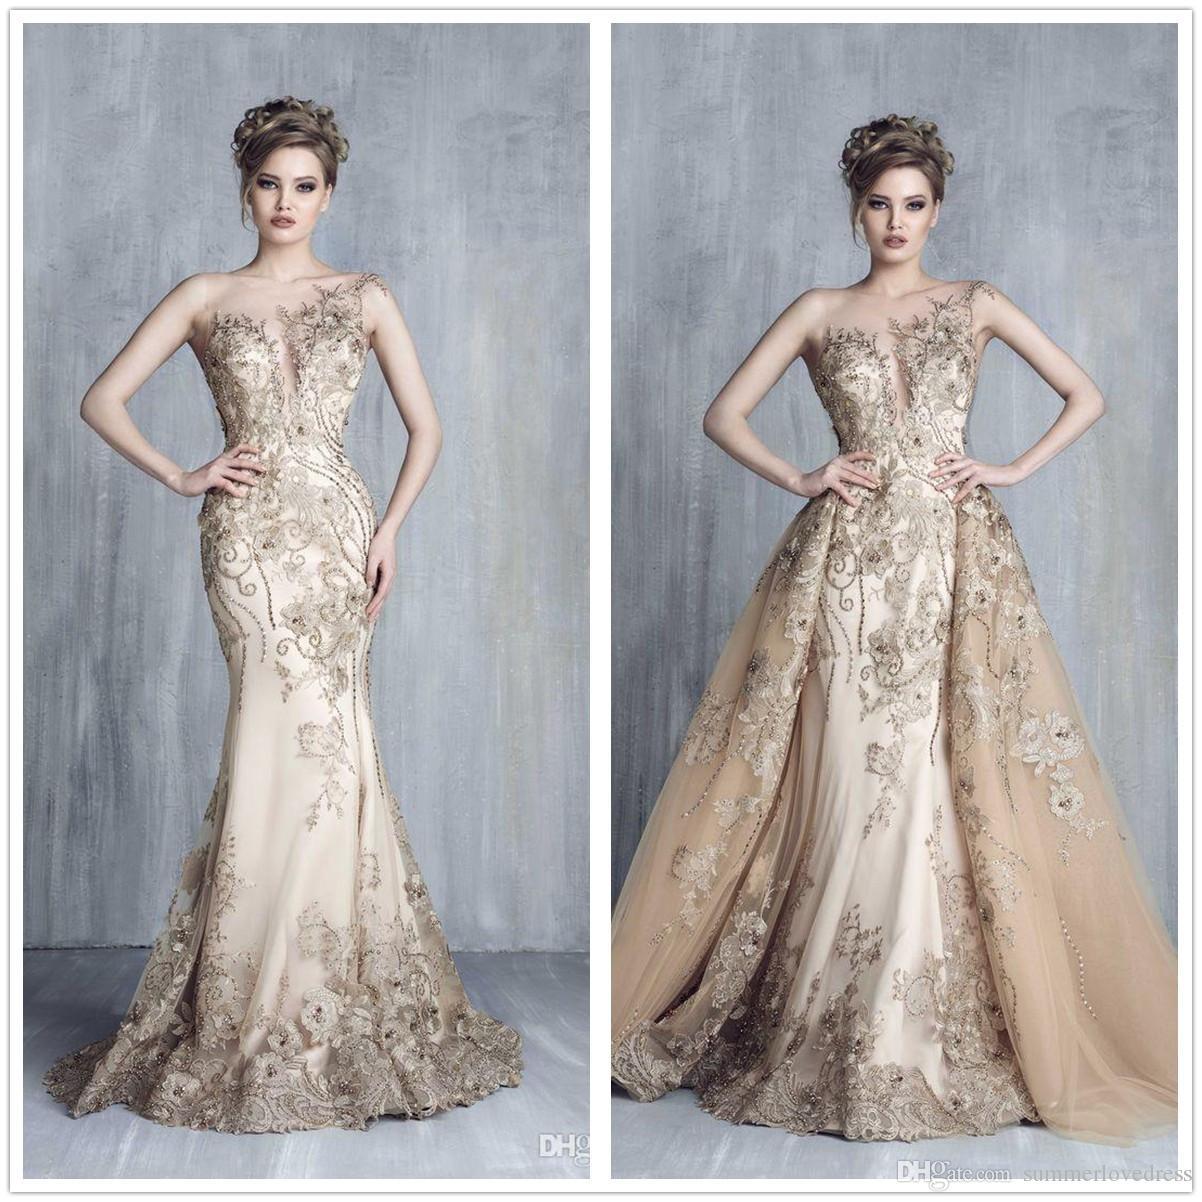 Robes de soirée sirène dentelle du Moyen-Orient arabe 3D Floral perlé sur jupes étage longueur robes de soirée